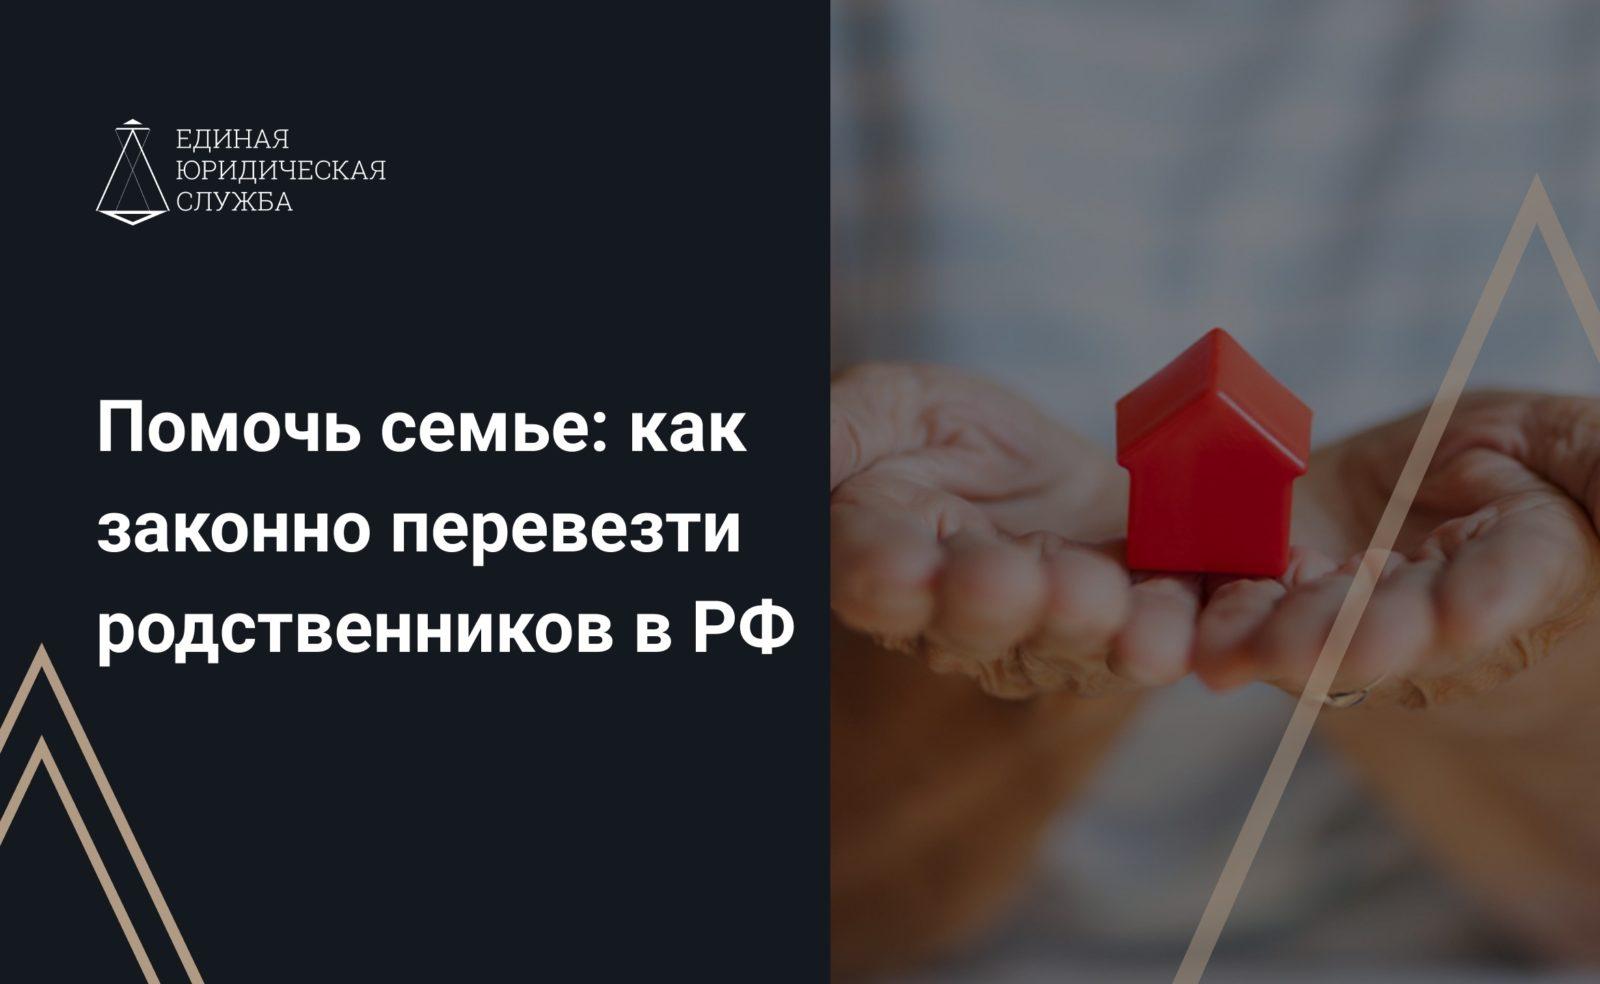 Помочь семье: как законно перевезти родственников в РФ